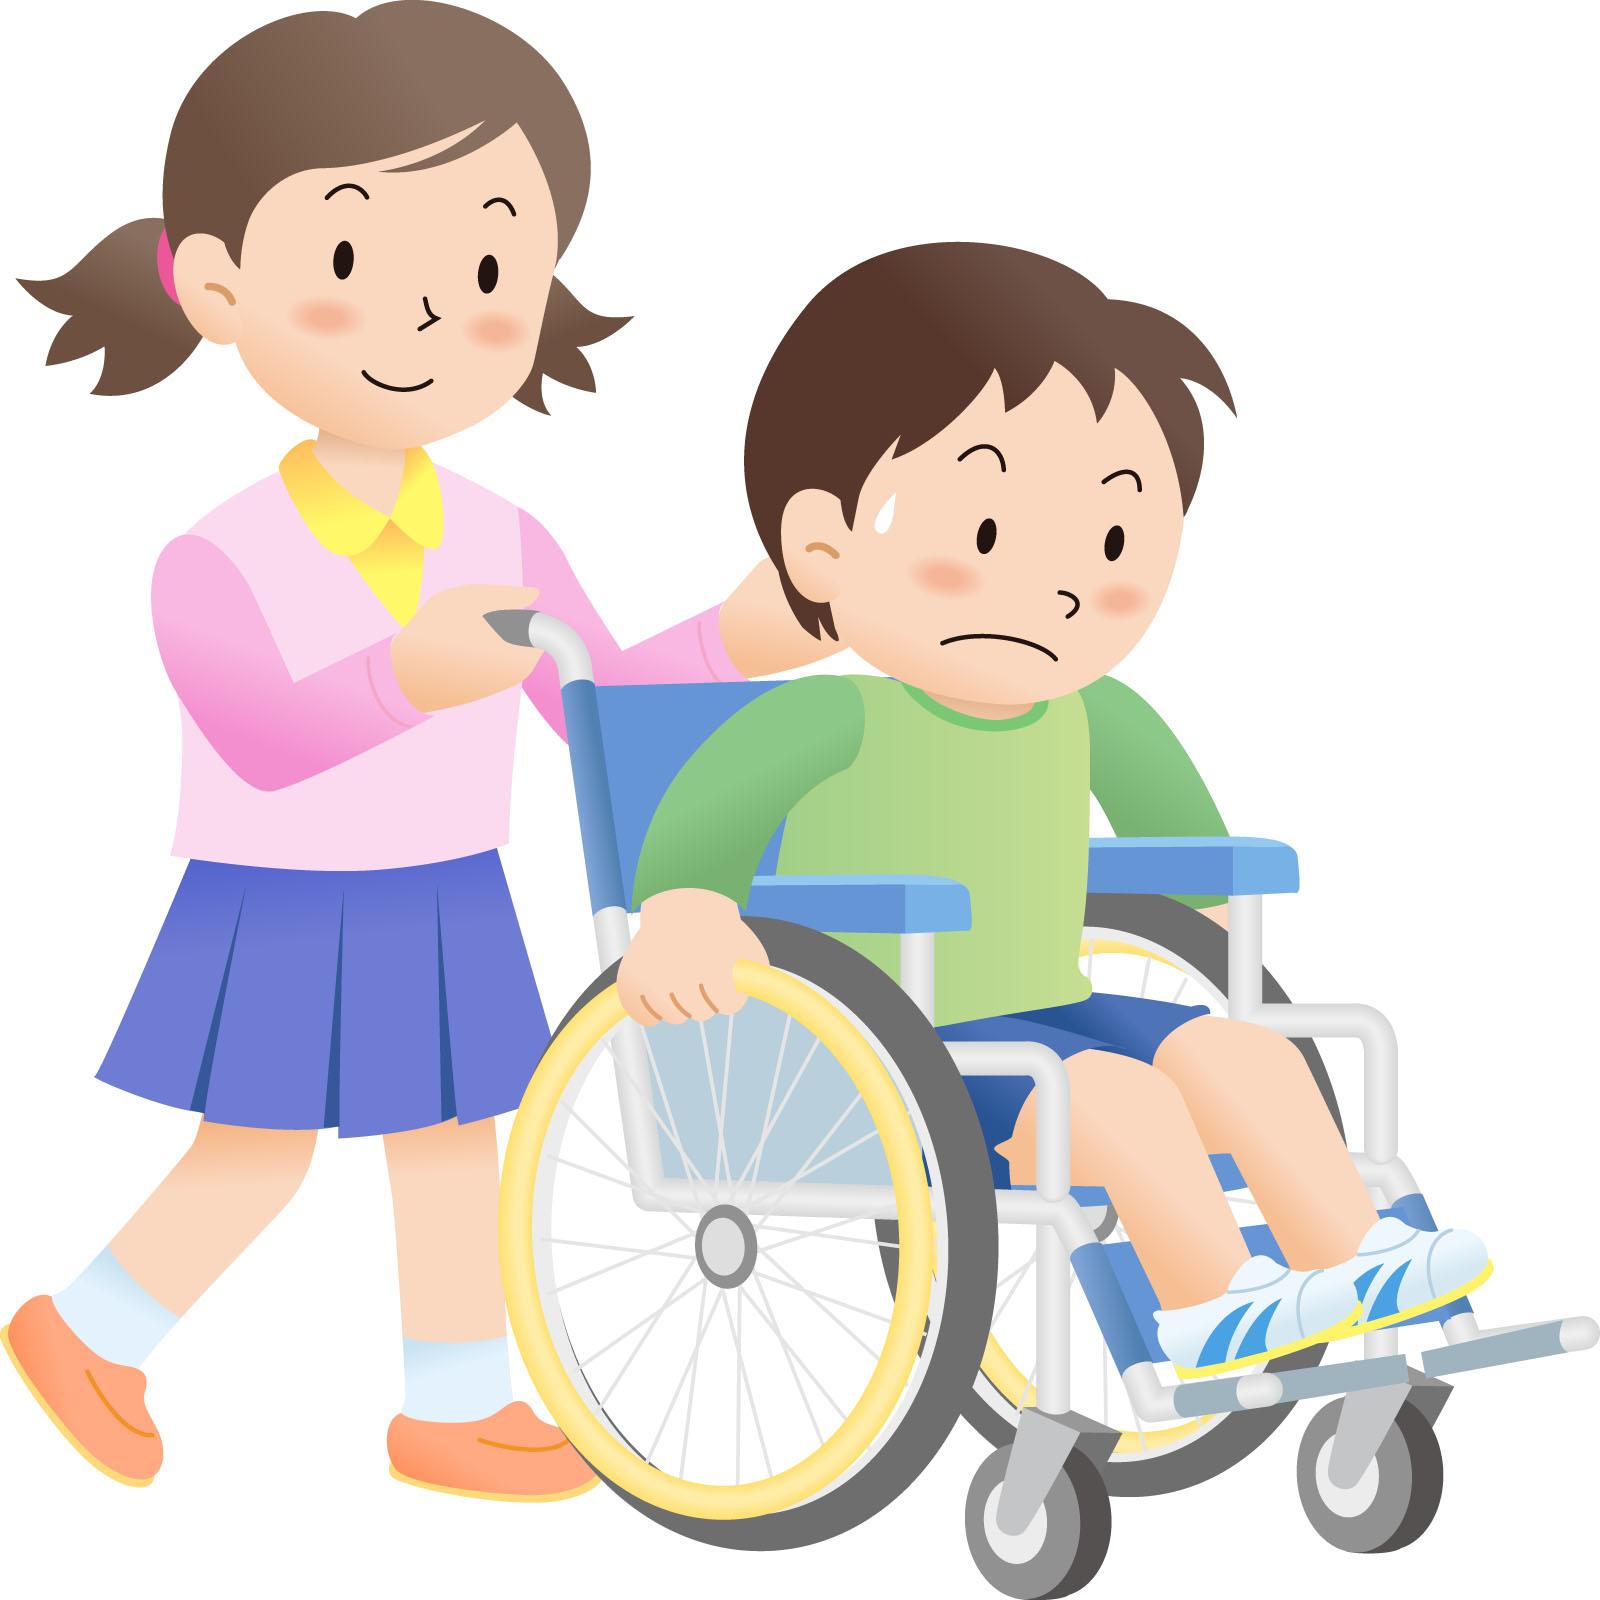 【あした、親子で読みたい本】病気や障害について考える本